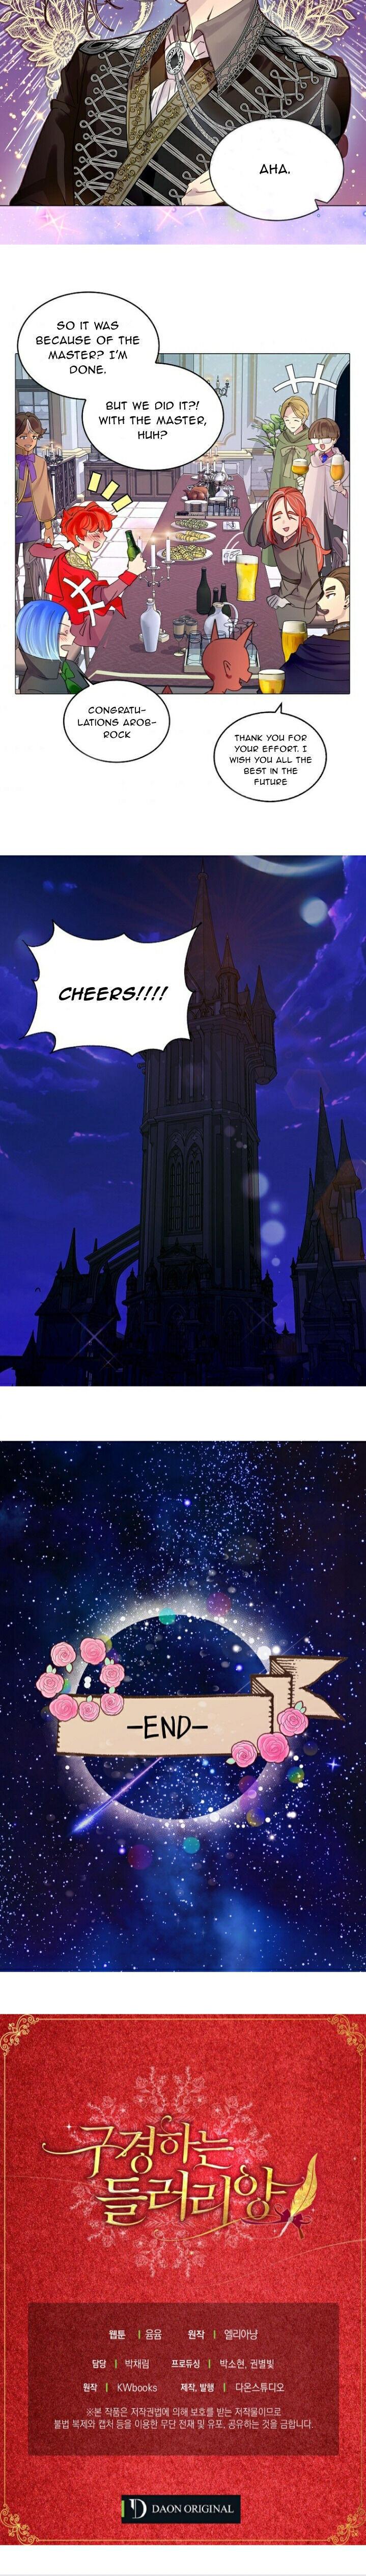 Miss Not-So Sidekick Chapter 143 - Side Story - 4 page 17 - Mangakakalots.com